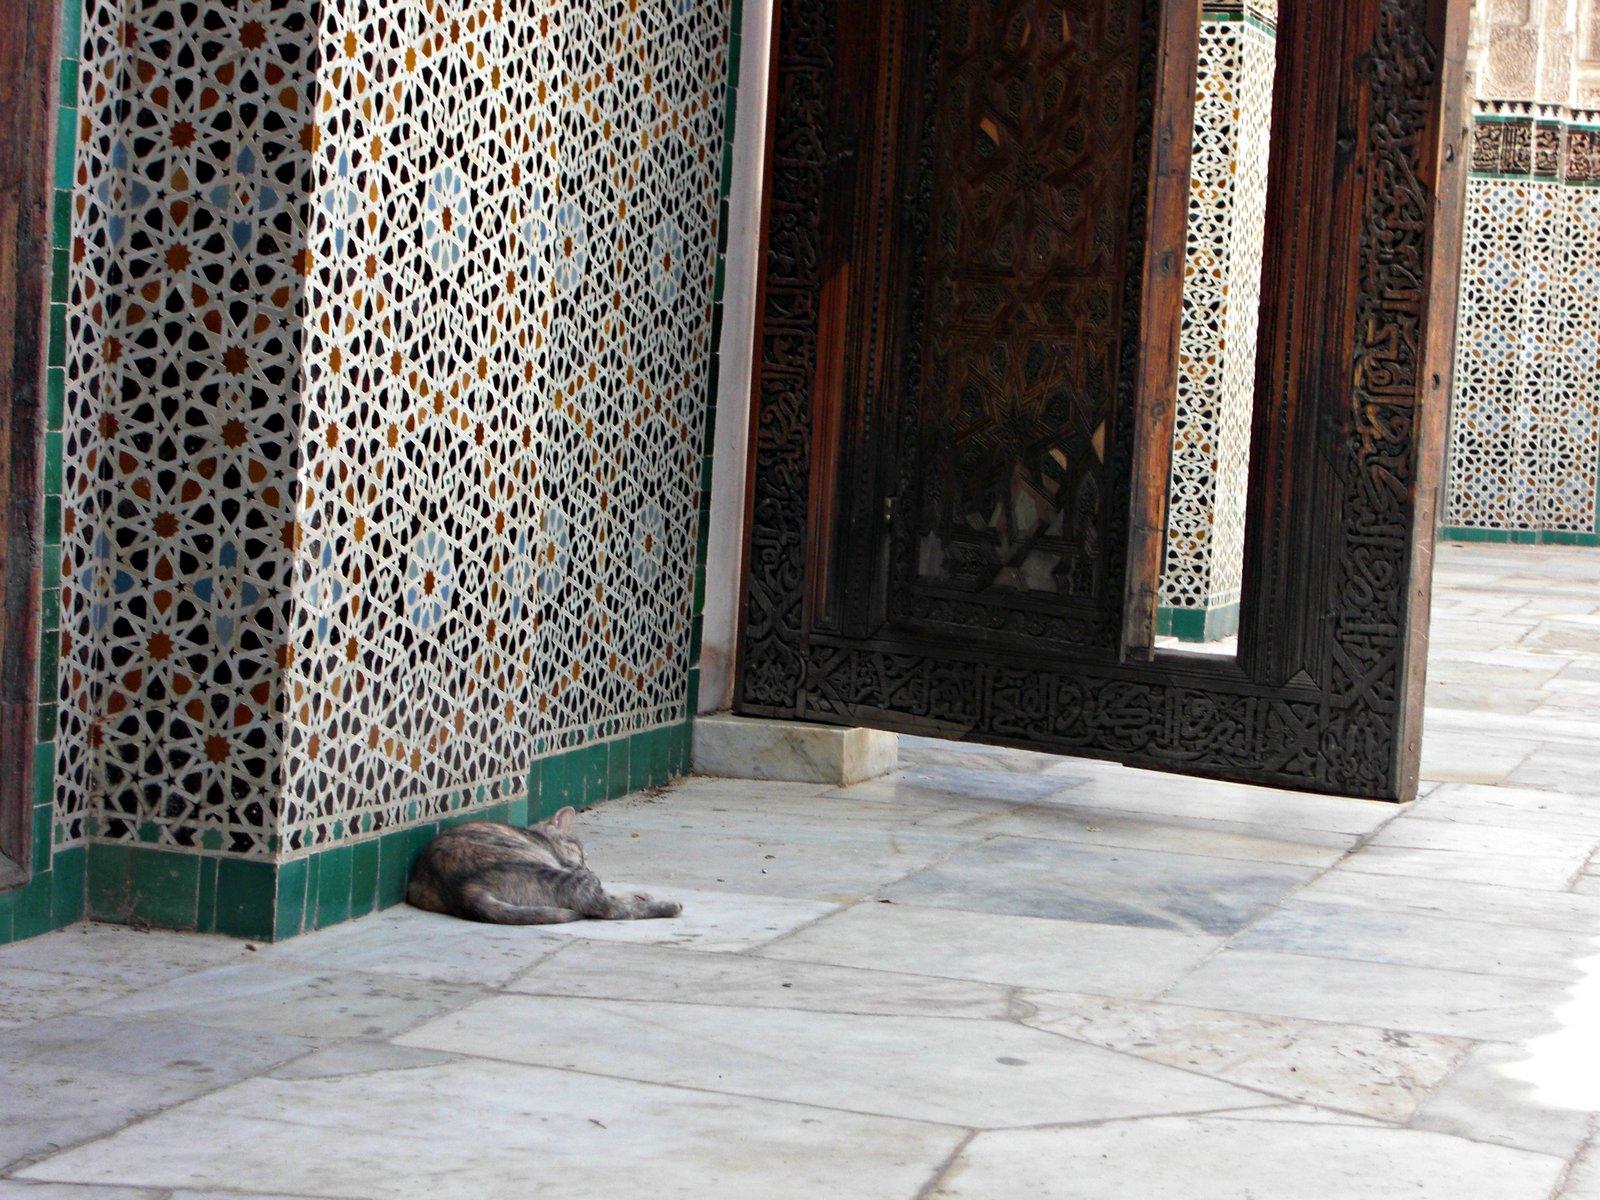 Gato nunha mesquita